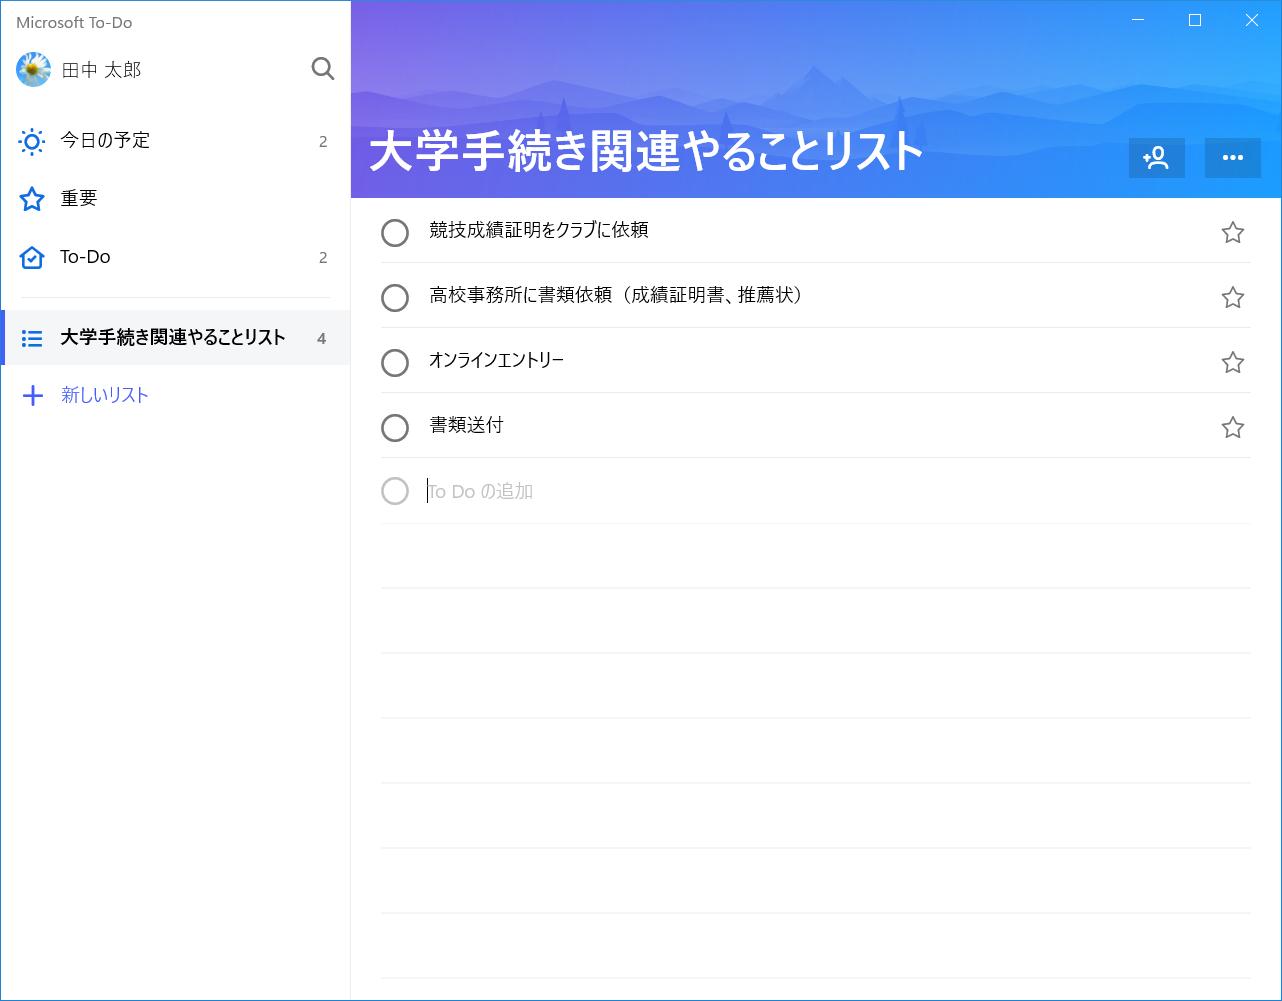 左側の[新しいリスト]をクリックしてリストを作成。そこに関連するタスクを登録すると、リストごとにタスクを管理できる